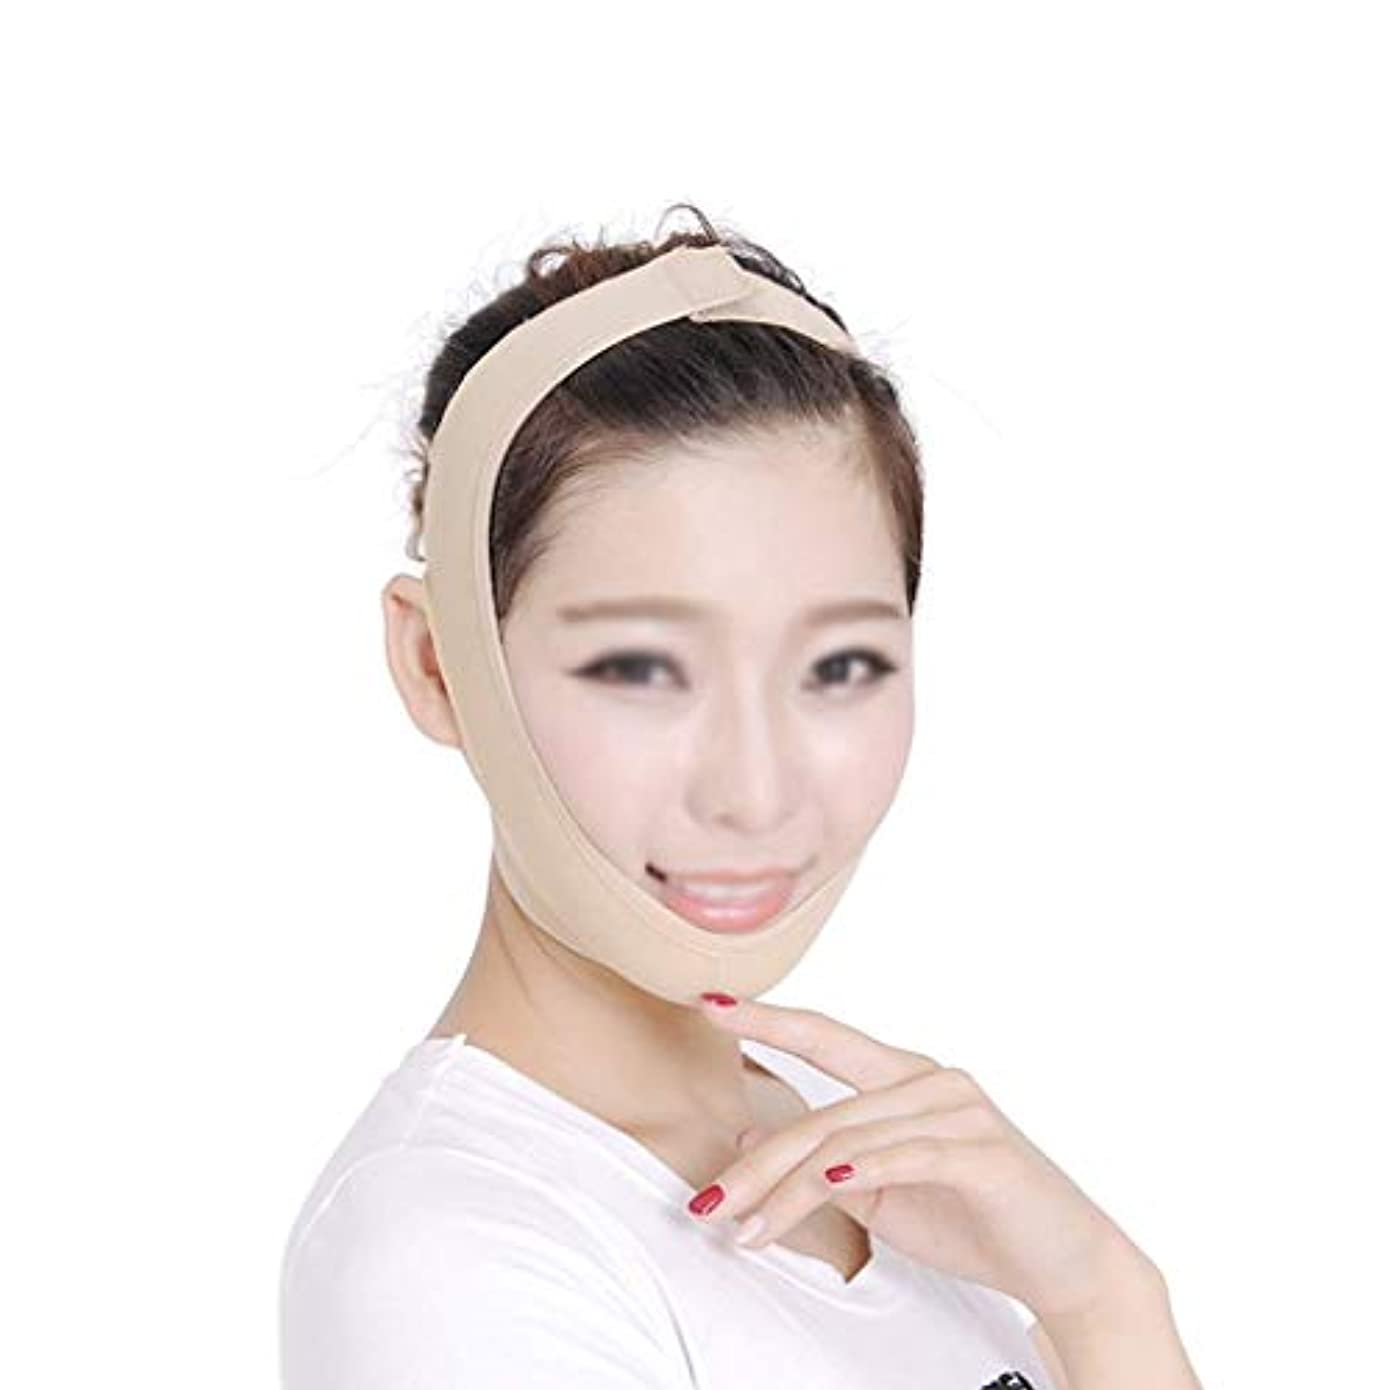 極端なフレキシブル手段フェイシャル減量マスクリフティングフェイス、フェイスマスク、減量包帯を除去するためのダブルチン、フェイシャルリフティング包帯、ダブルチンを減らすためのリフティングベルト(カラー:ブラック、サイズ:M),イエローピンク、XL